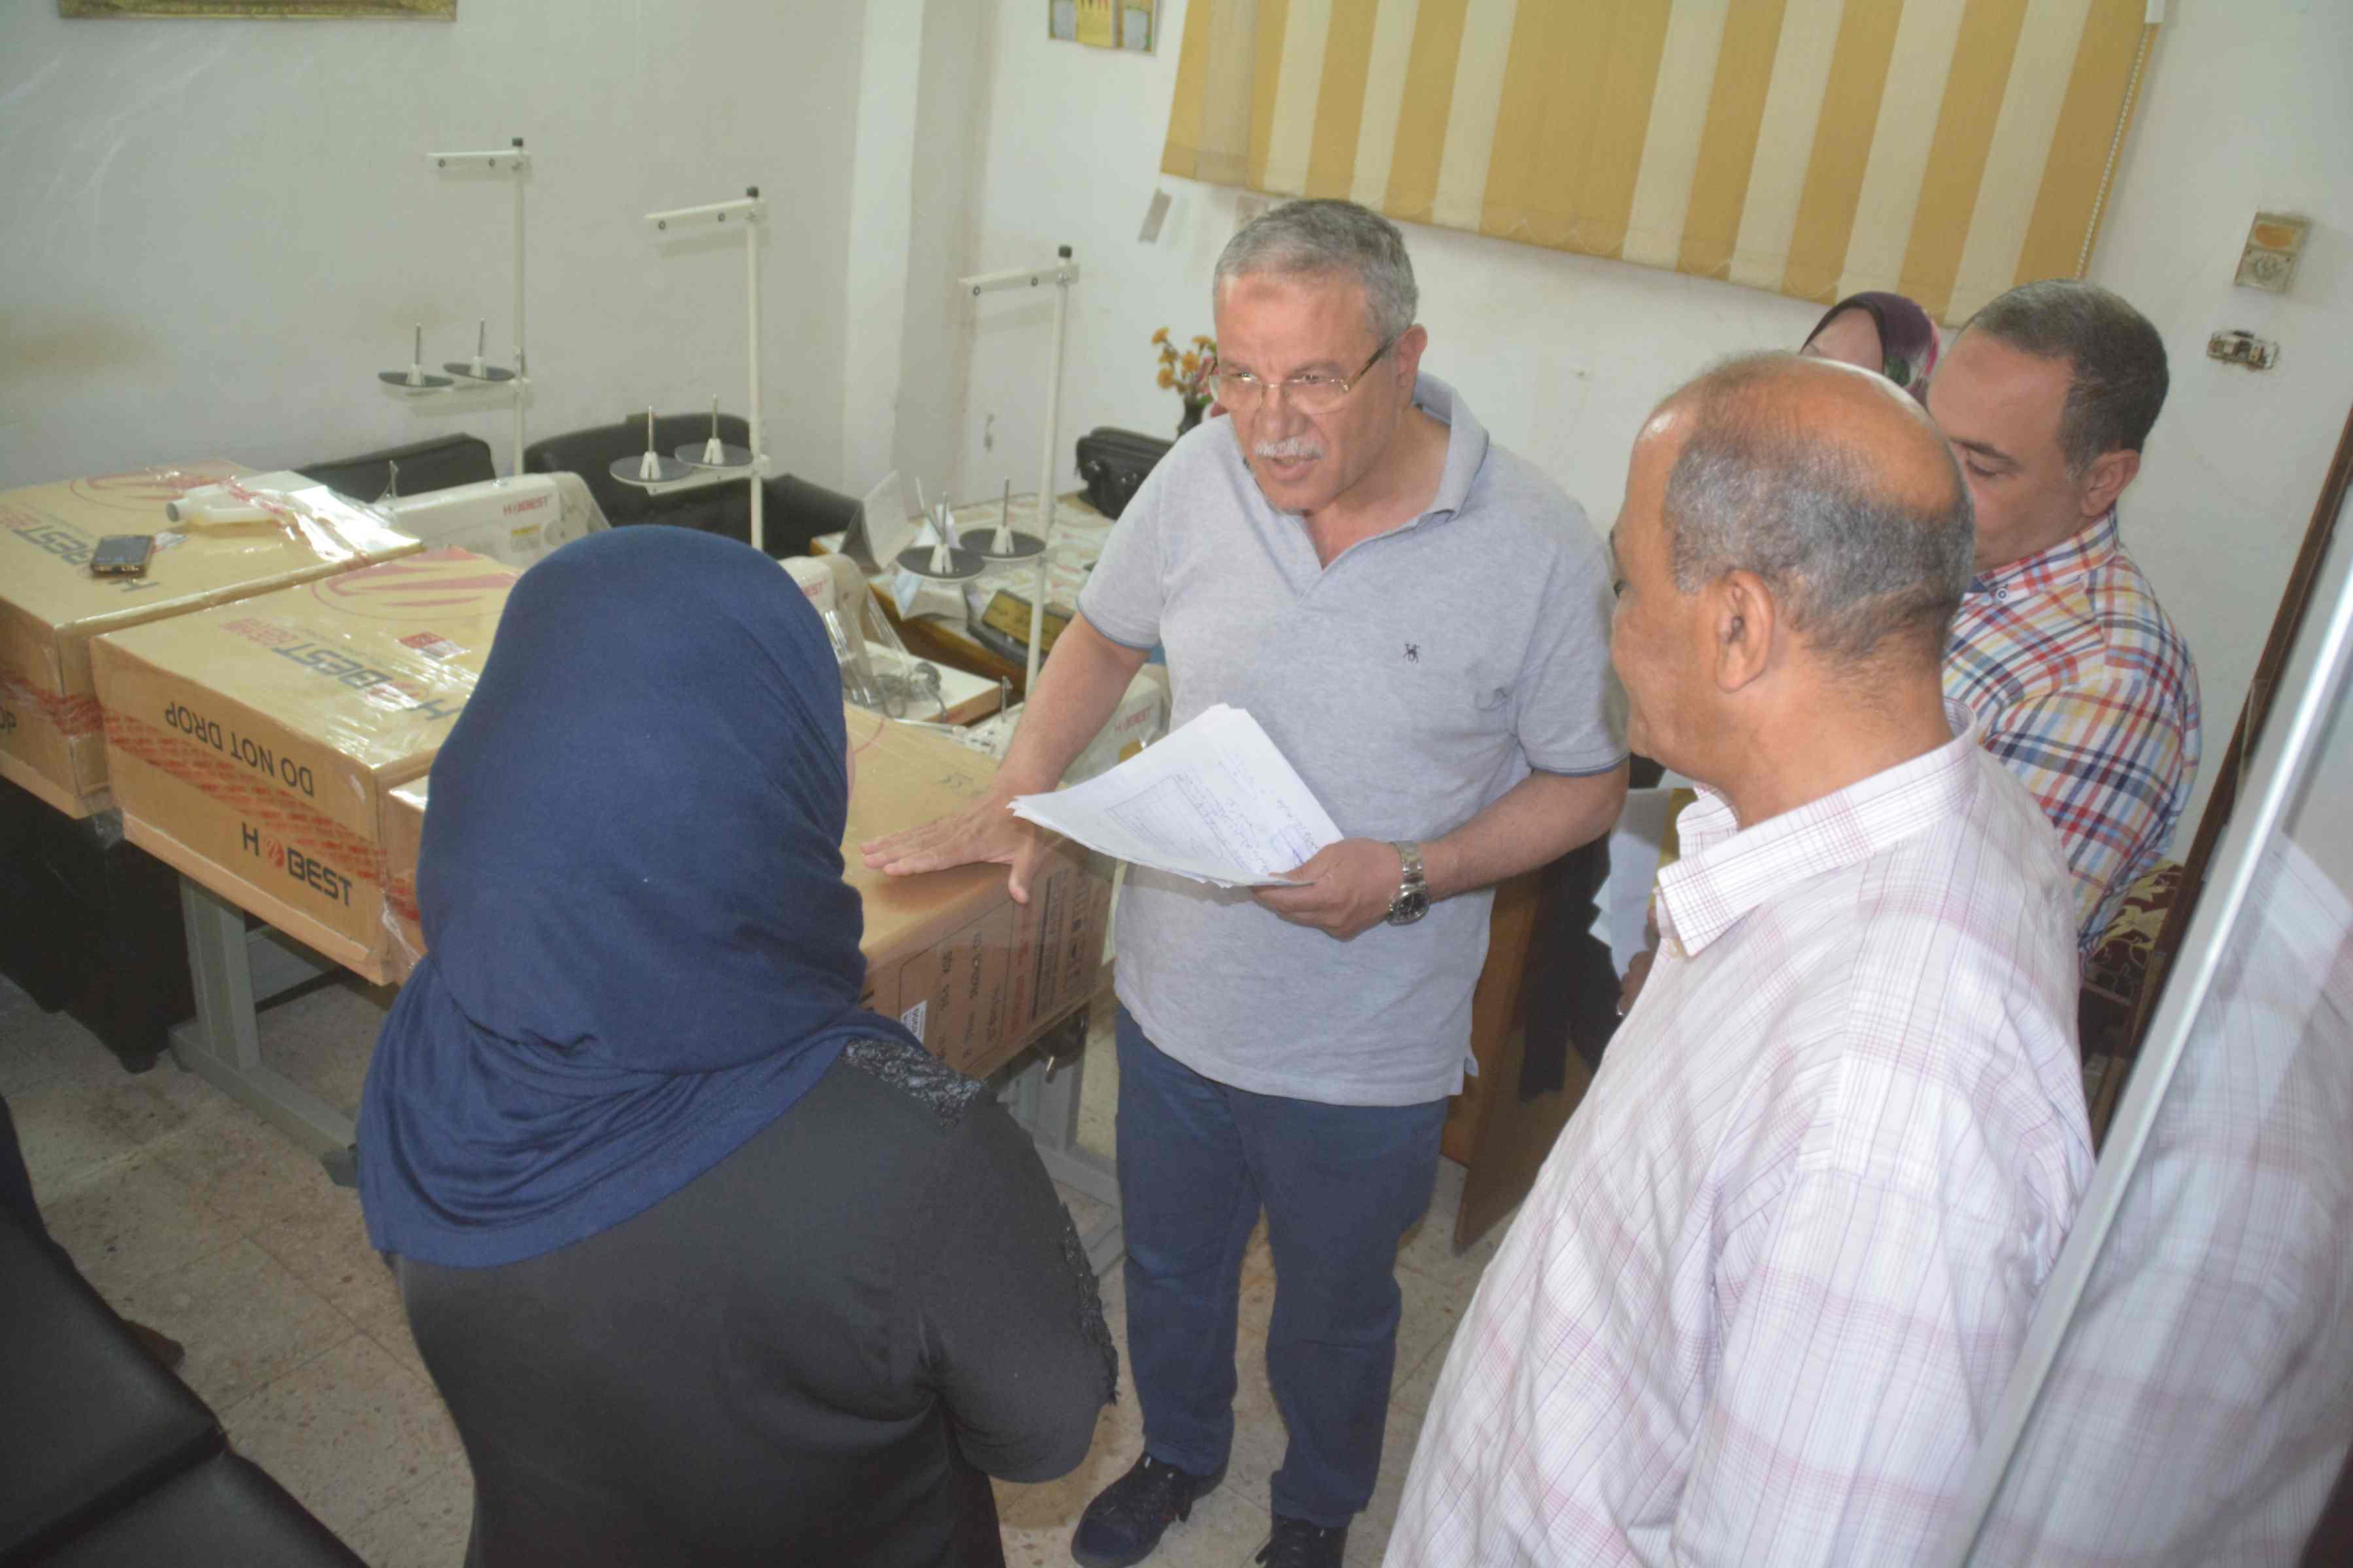 محافظ المنيا يسلم ماكينات خياطة وتجهيزات بقاله لسيدات معيلات  (2)